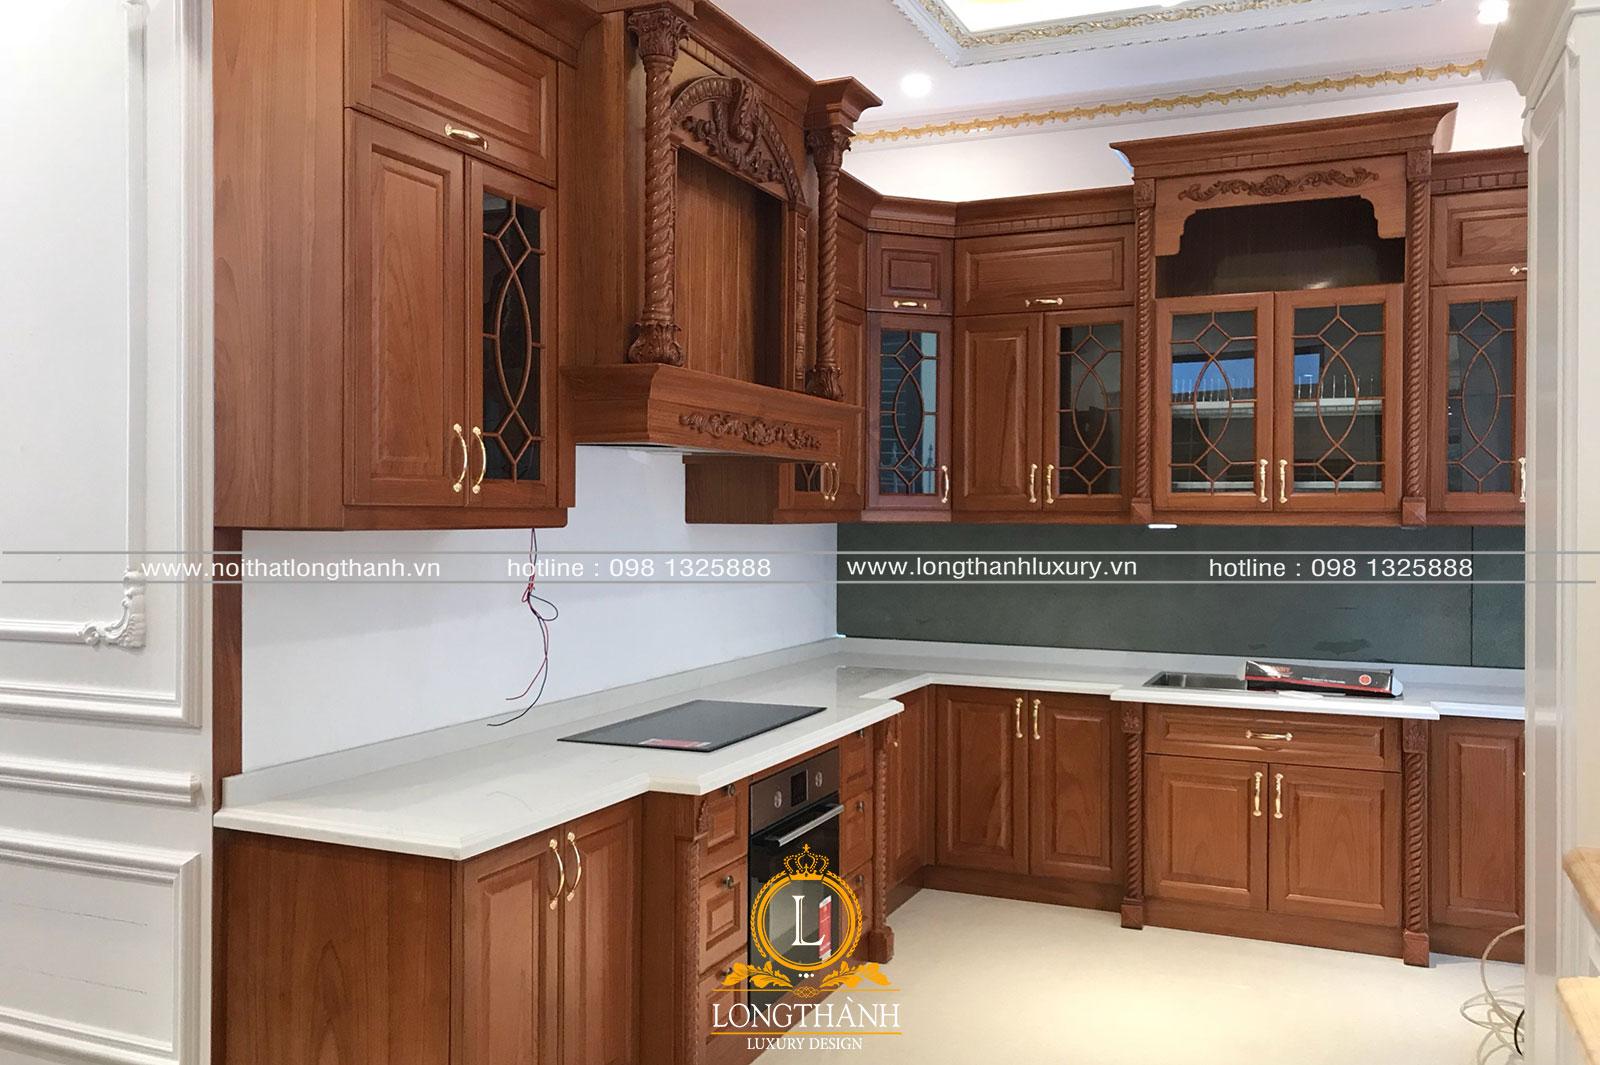 Hình ảnh thi công thực tế nội thất nhà chị Lan – TP Hải Phòng